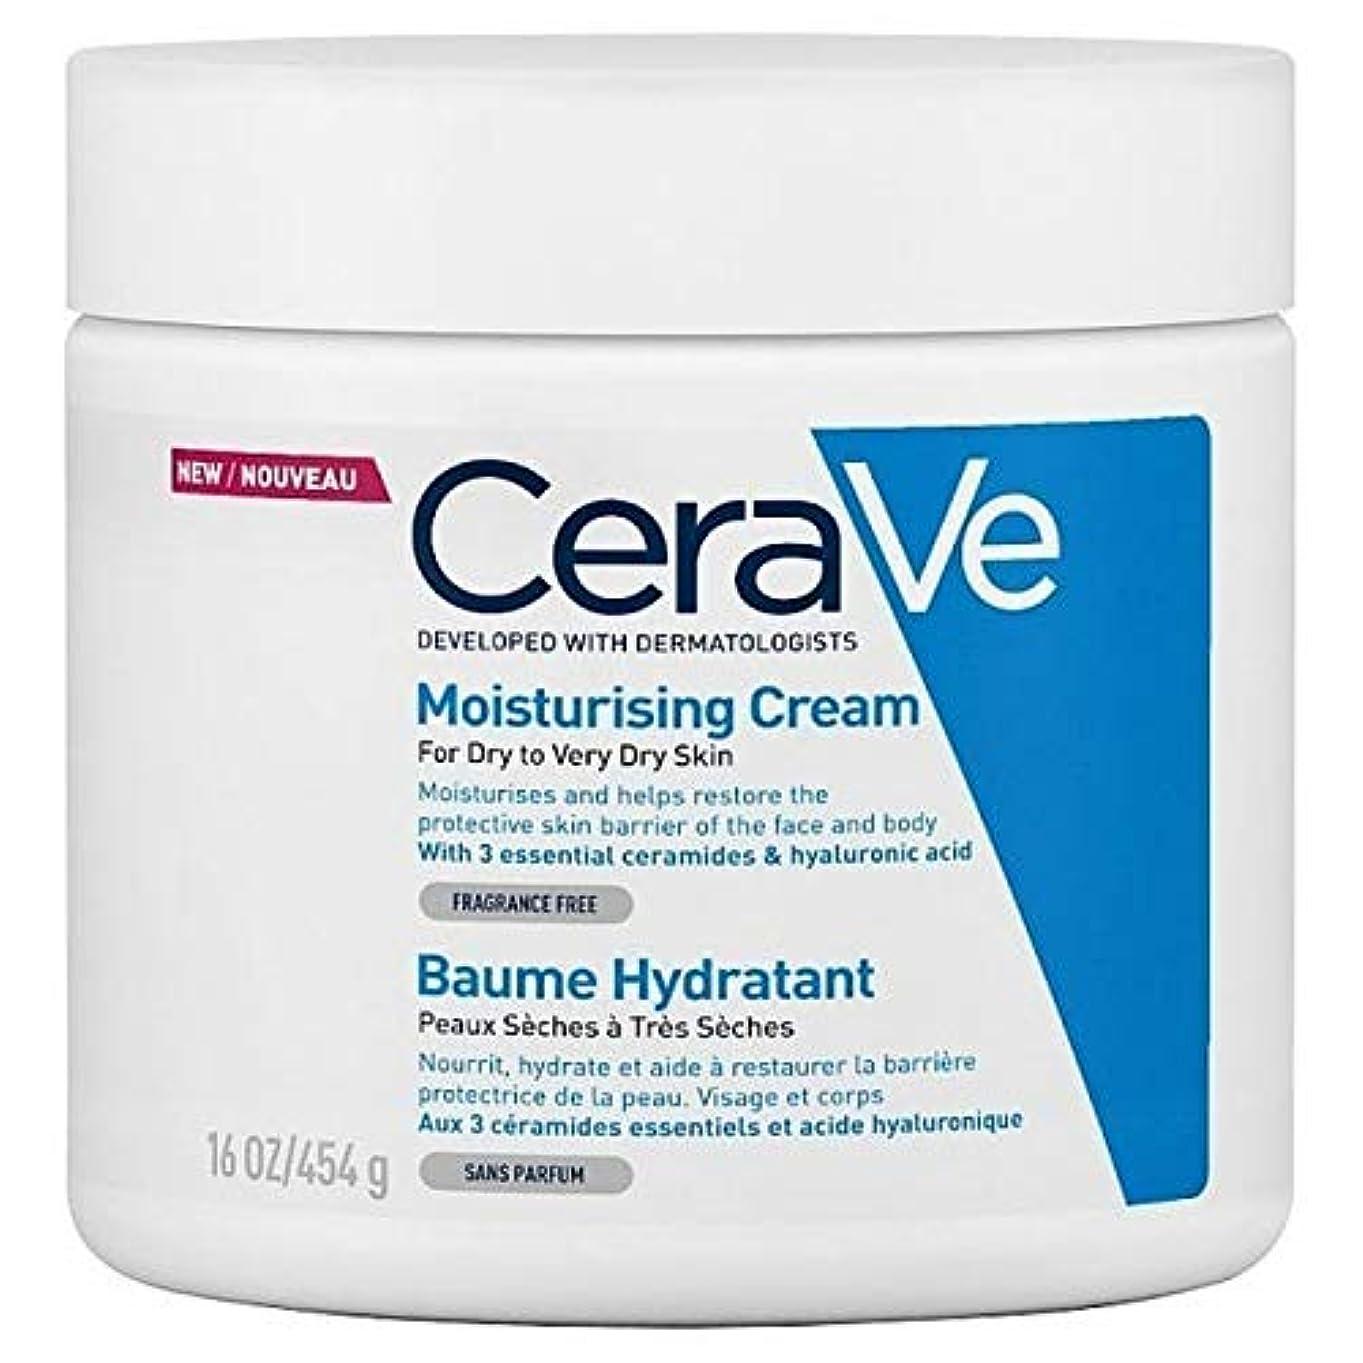 記念碑的な推進力真剣に[CeraVe] Cerave保湿クリーム454グラム - CeraVe Moisturising Cream 454g [並行輸入品]